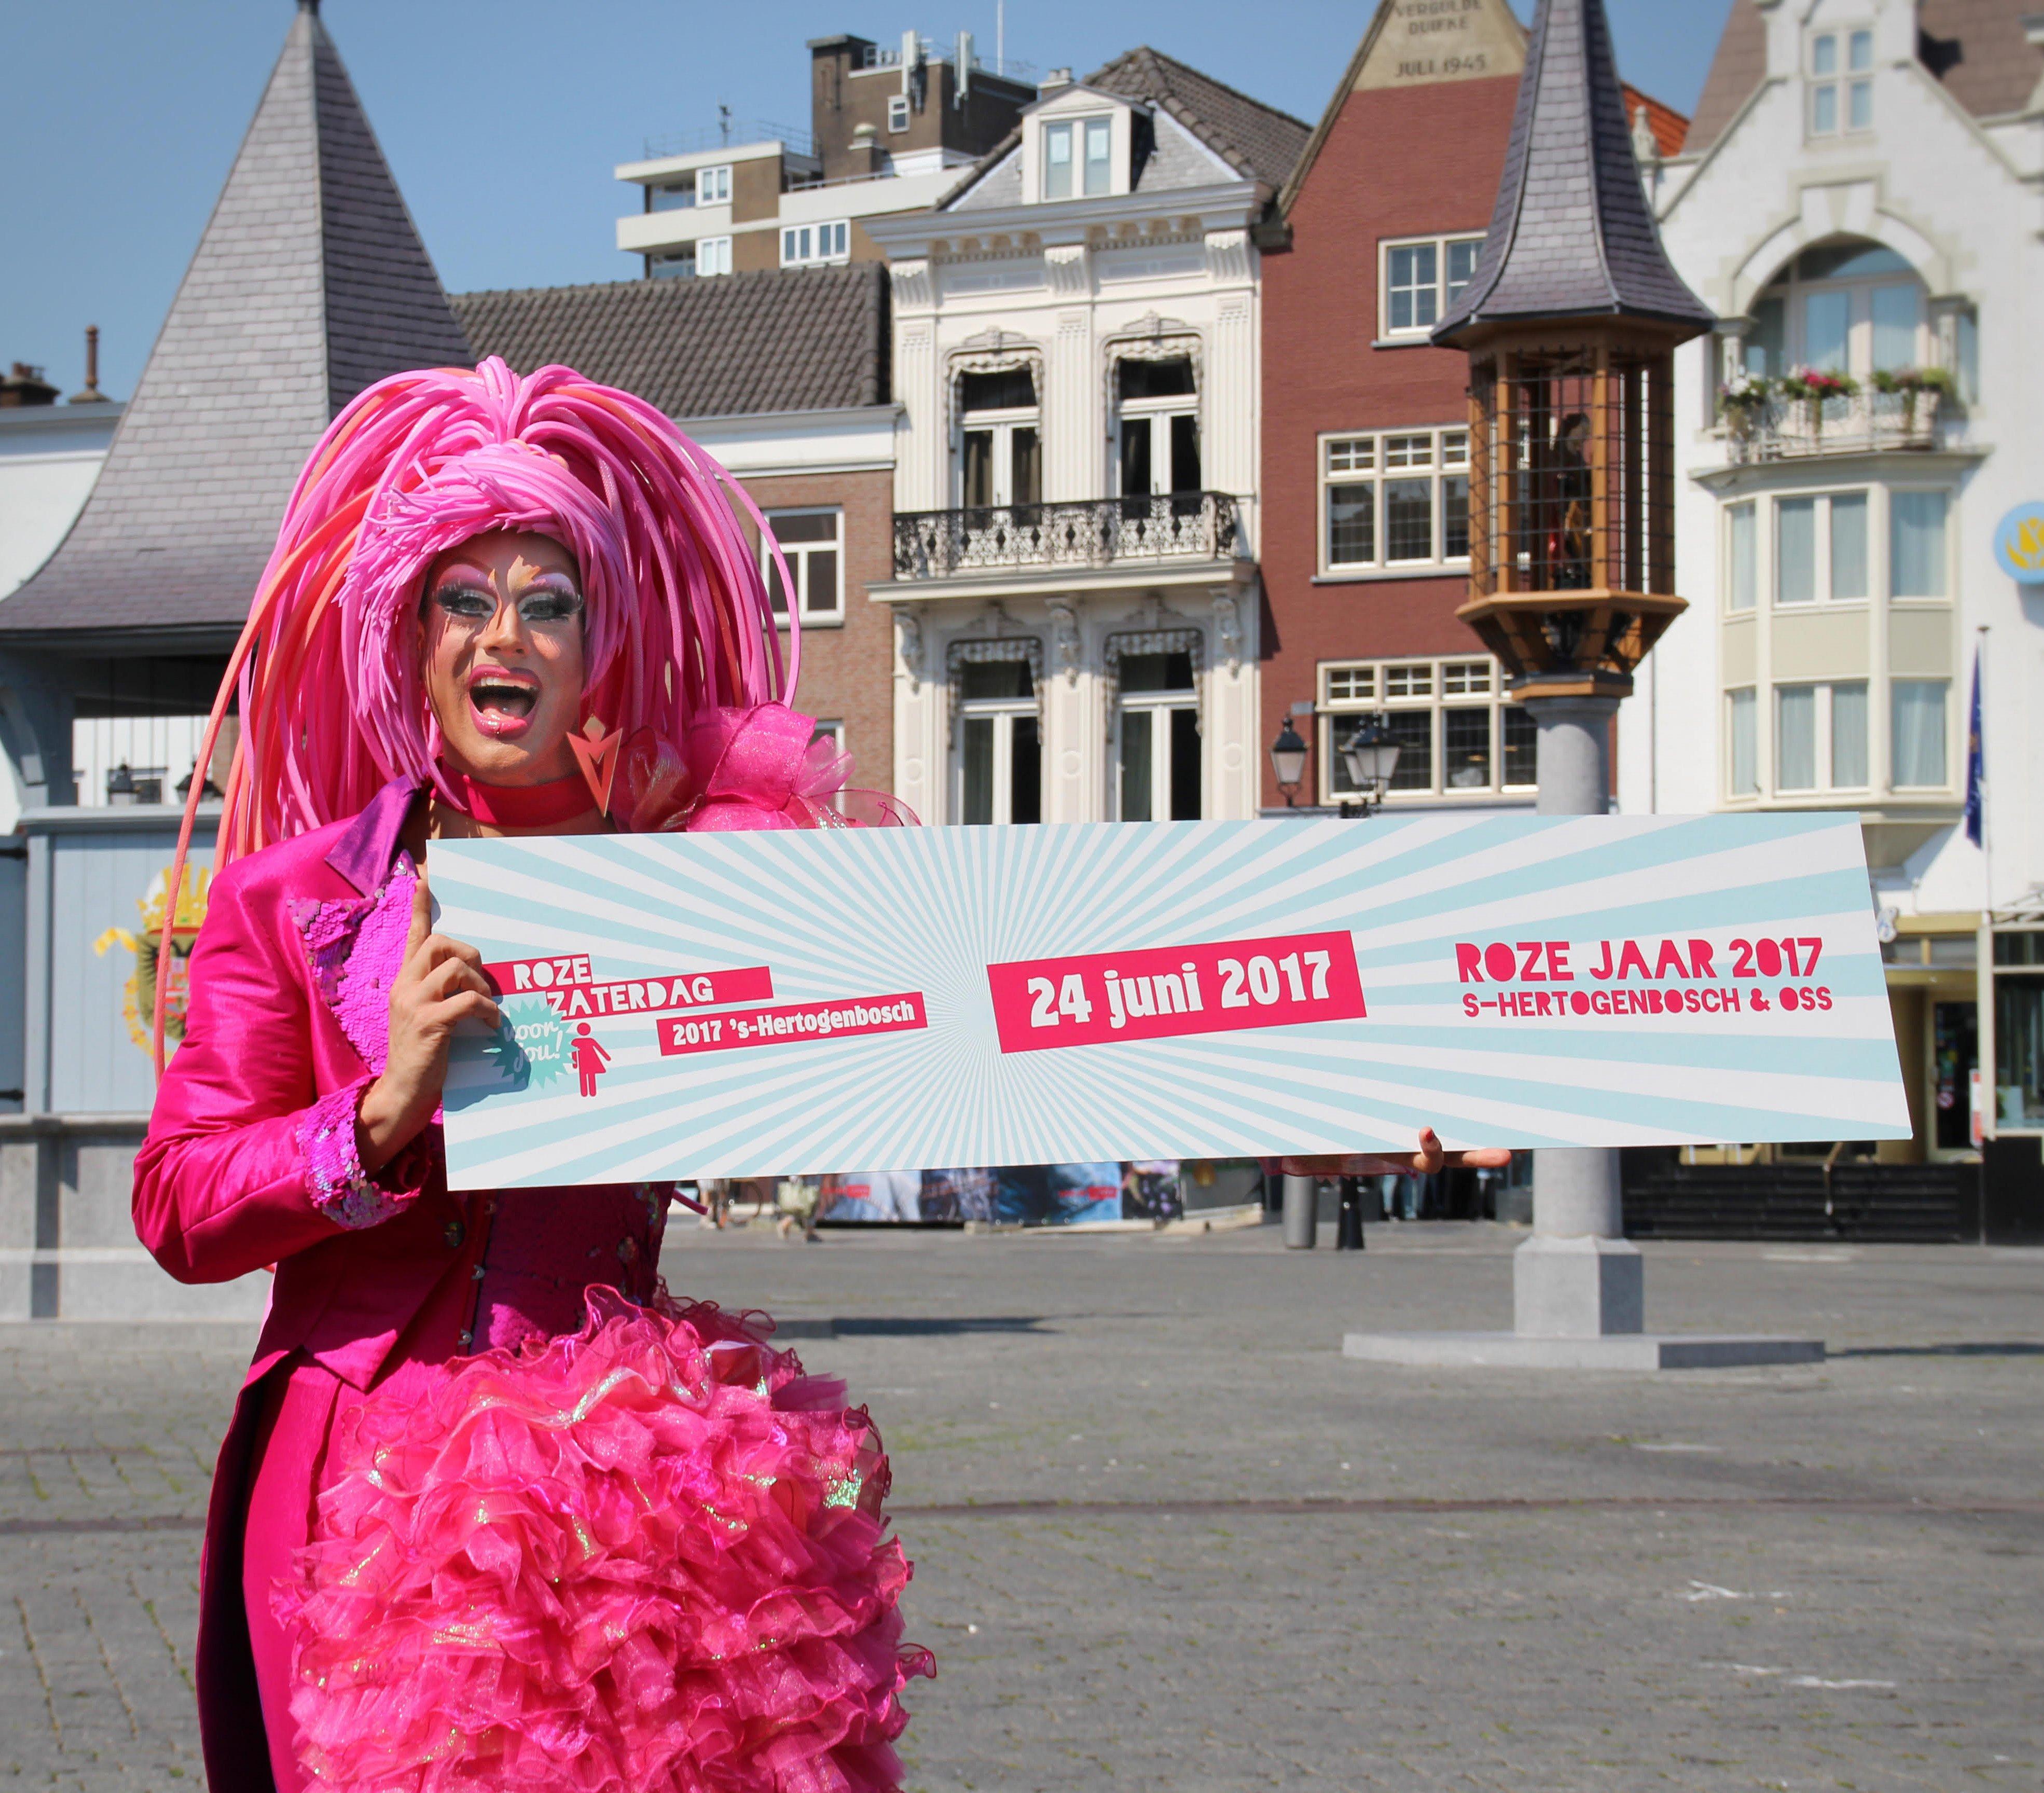 Roze Zaterdag: Dit is er allemaal te doen in Brabant